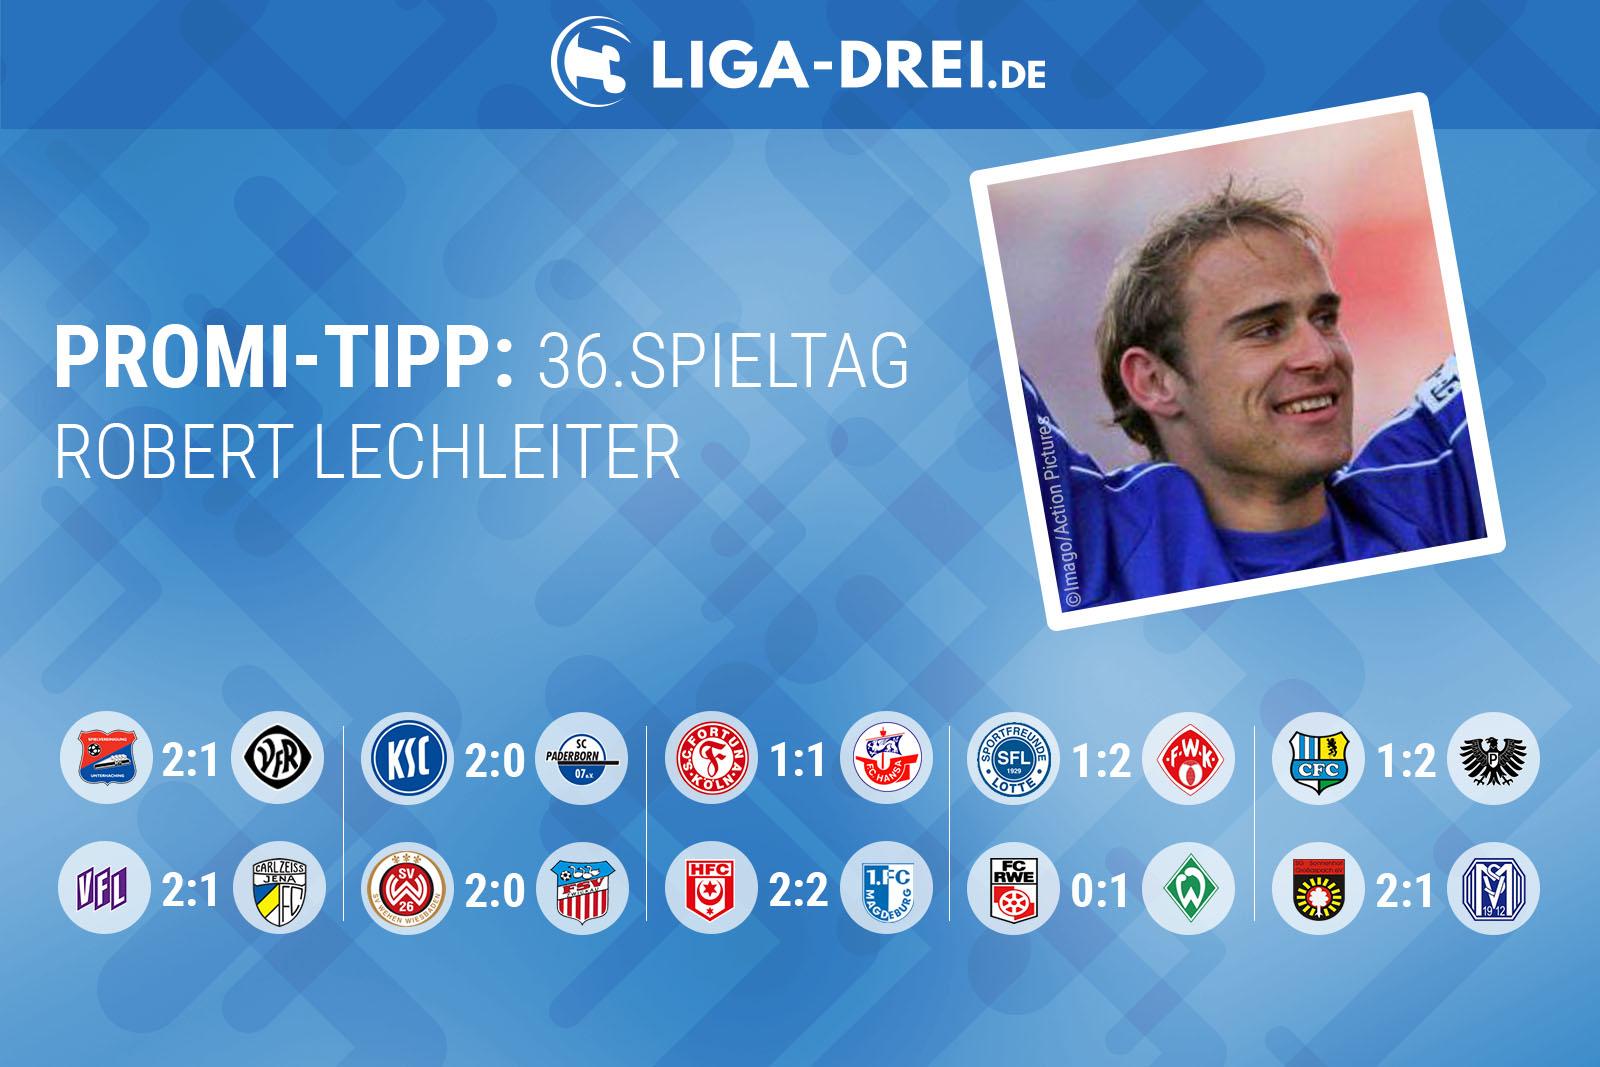 Robert Lechleiter tippt den 36. Spieltag der 3. Liga